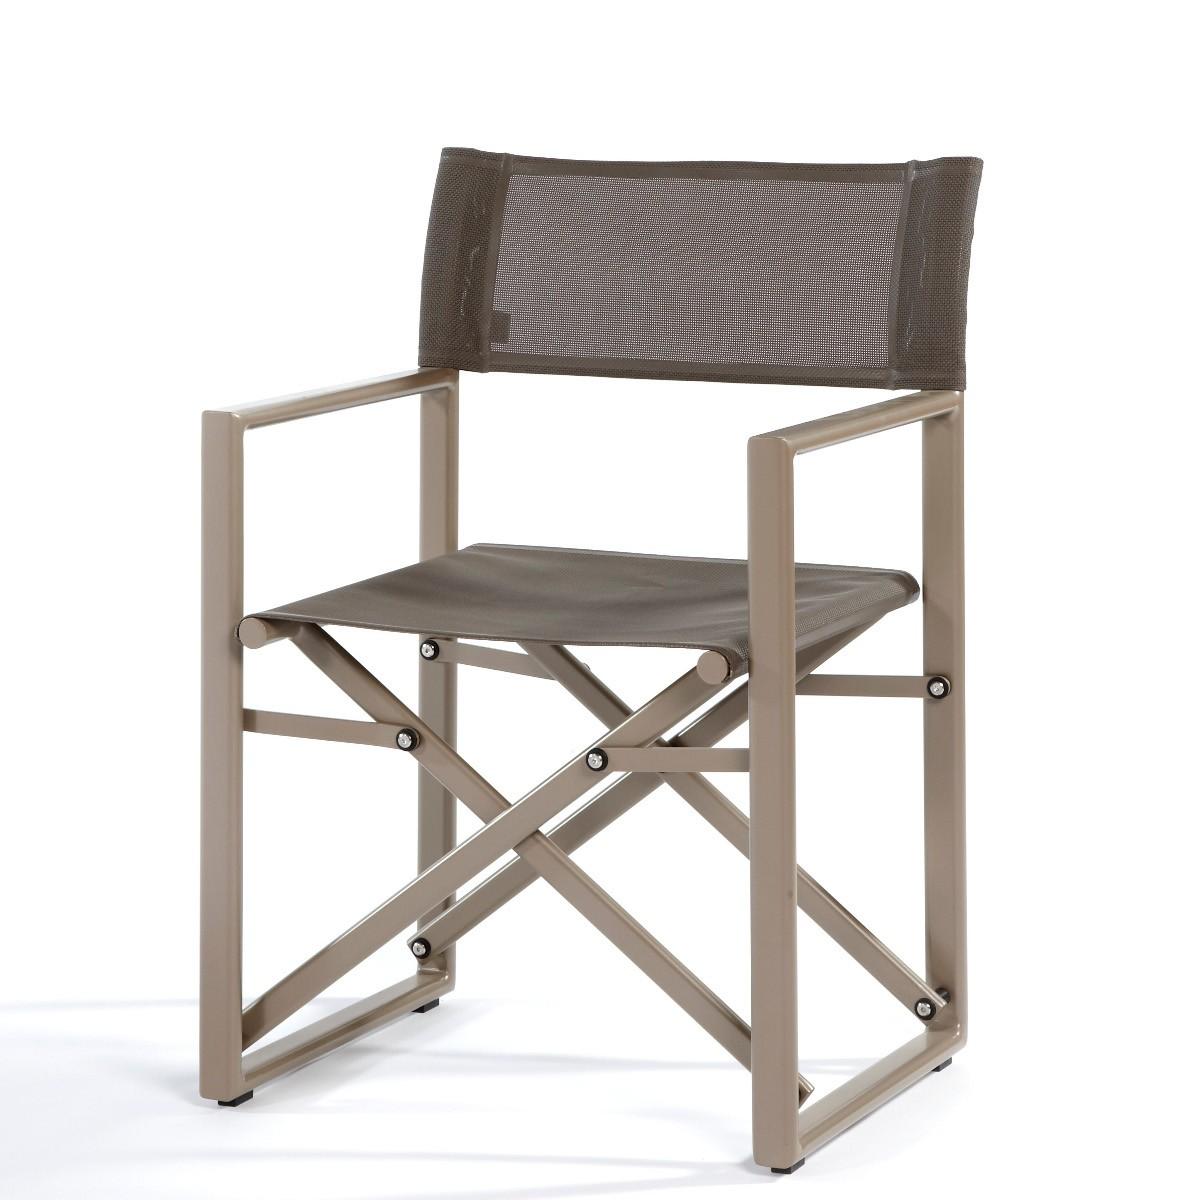 fauteuil pliant director de jardinico. Black Bedroom Furniture Sets. Home Design Ideas